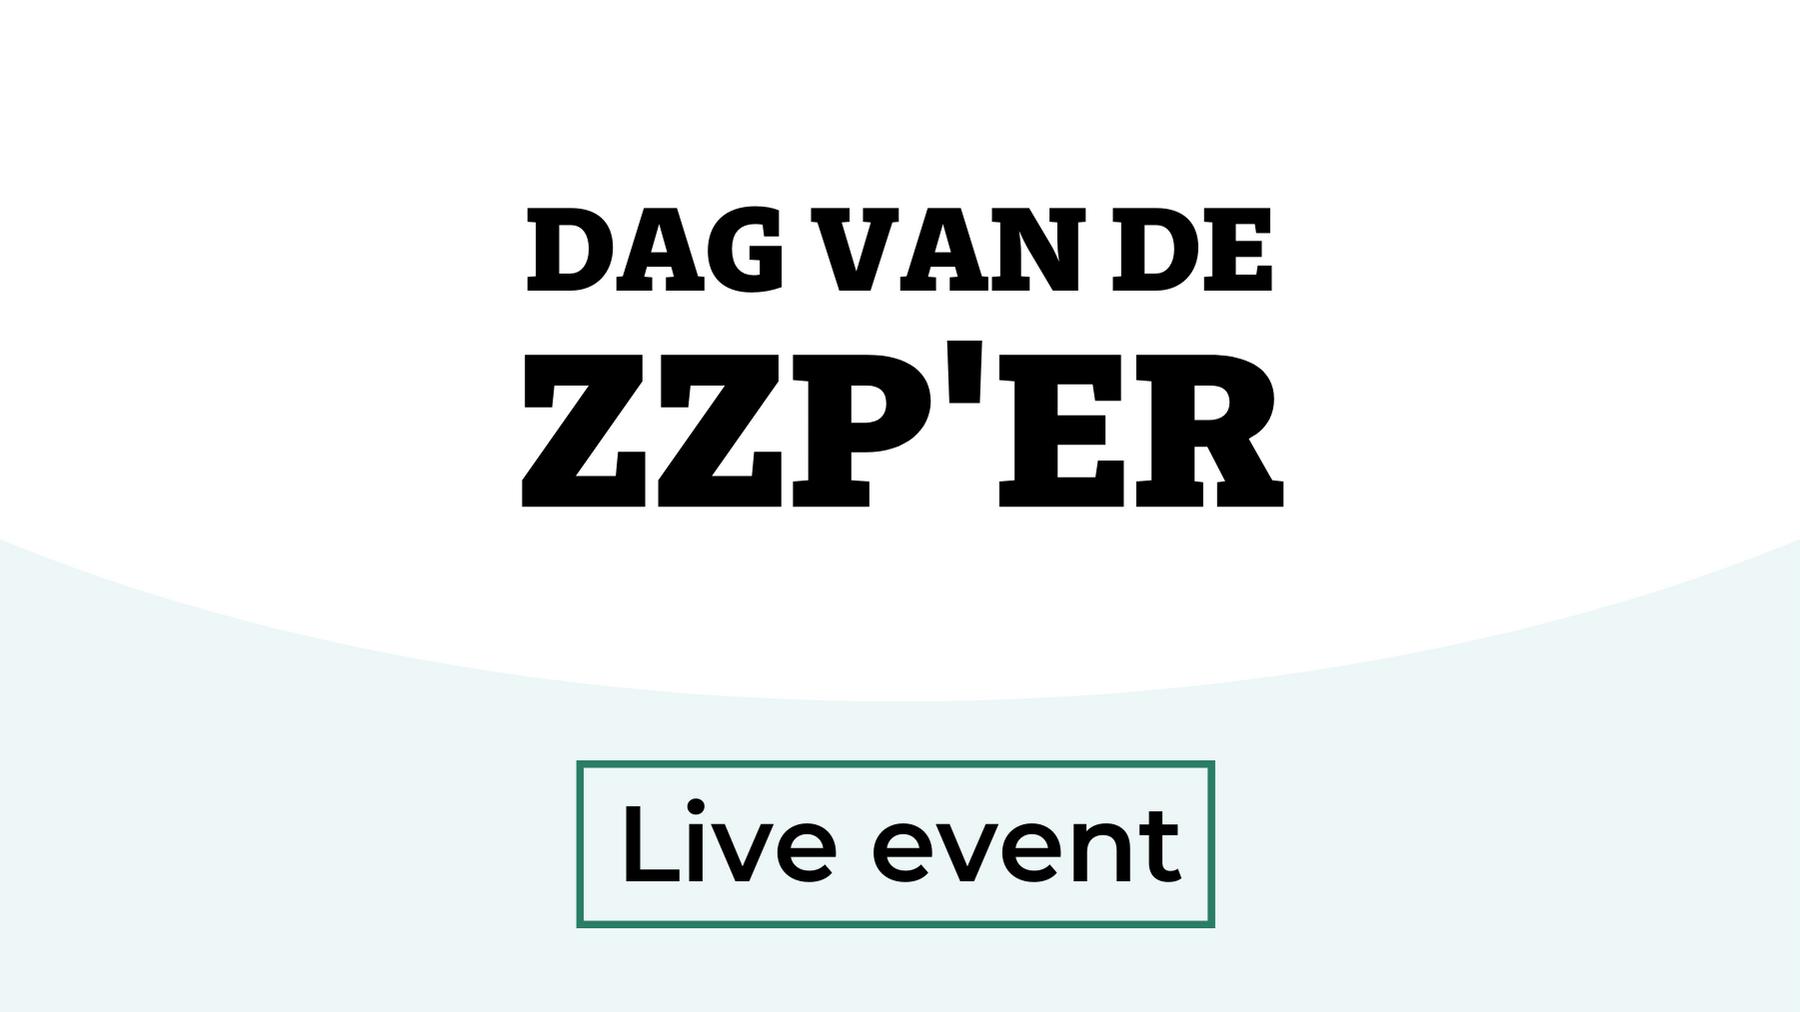 Live event: Dag van de ZZP'er